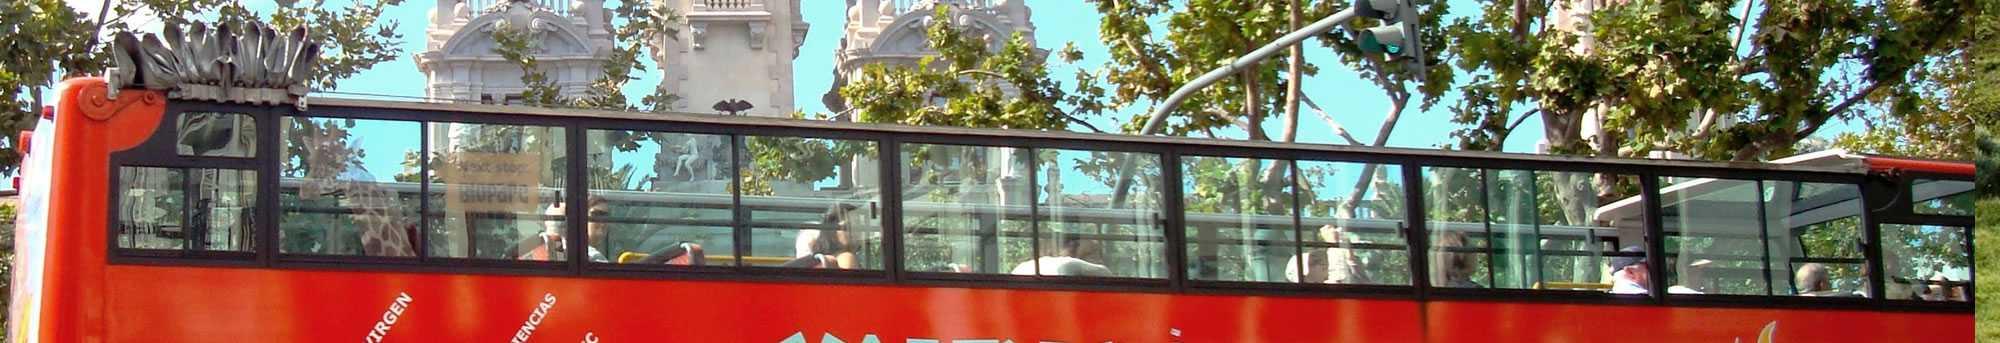 Hotel + Ruta en Bus turístico y Paseo en Barca por La Albufera - Valencia